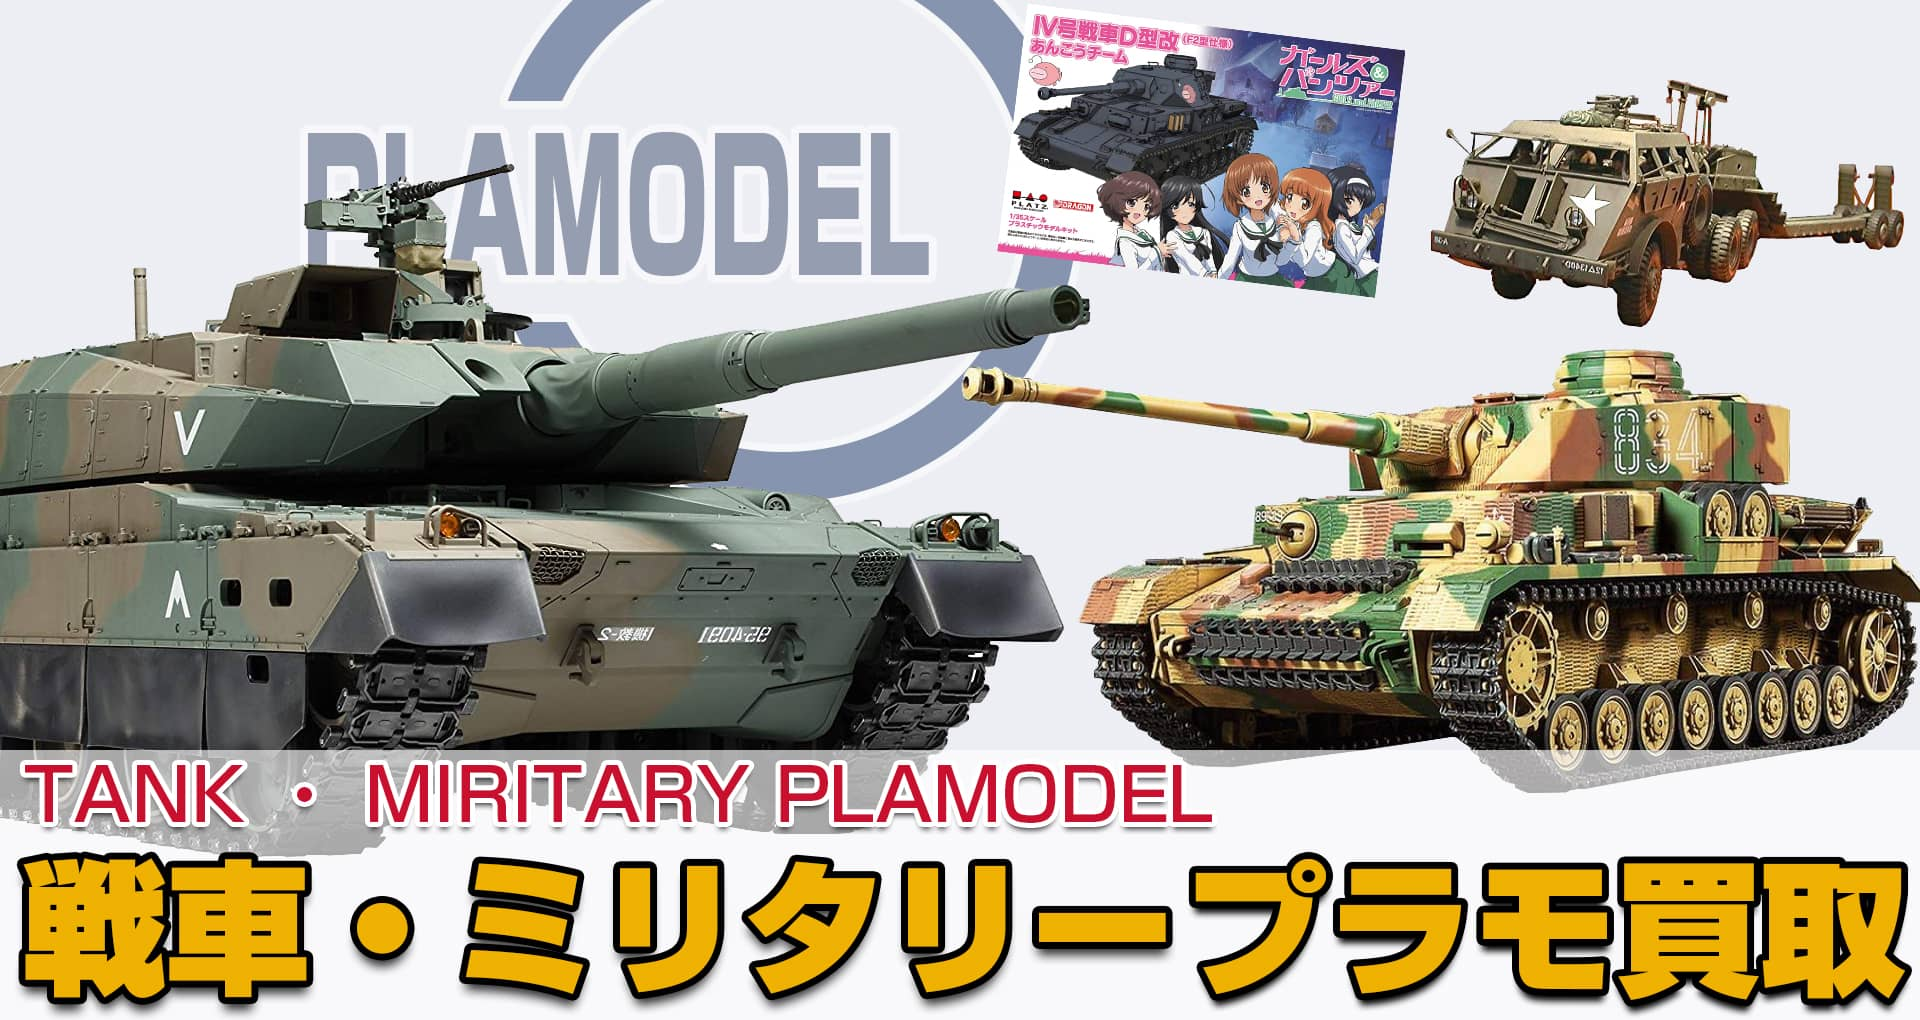 【高価買取】戦車・ミリタリープラモ